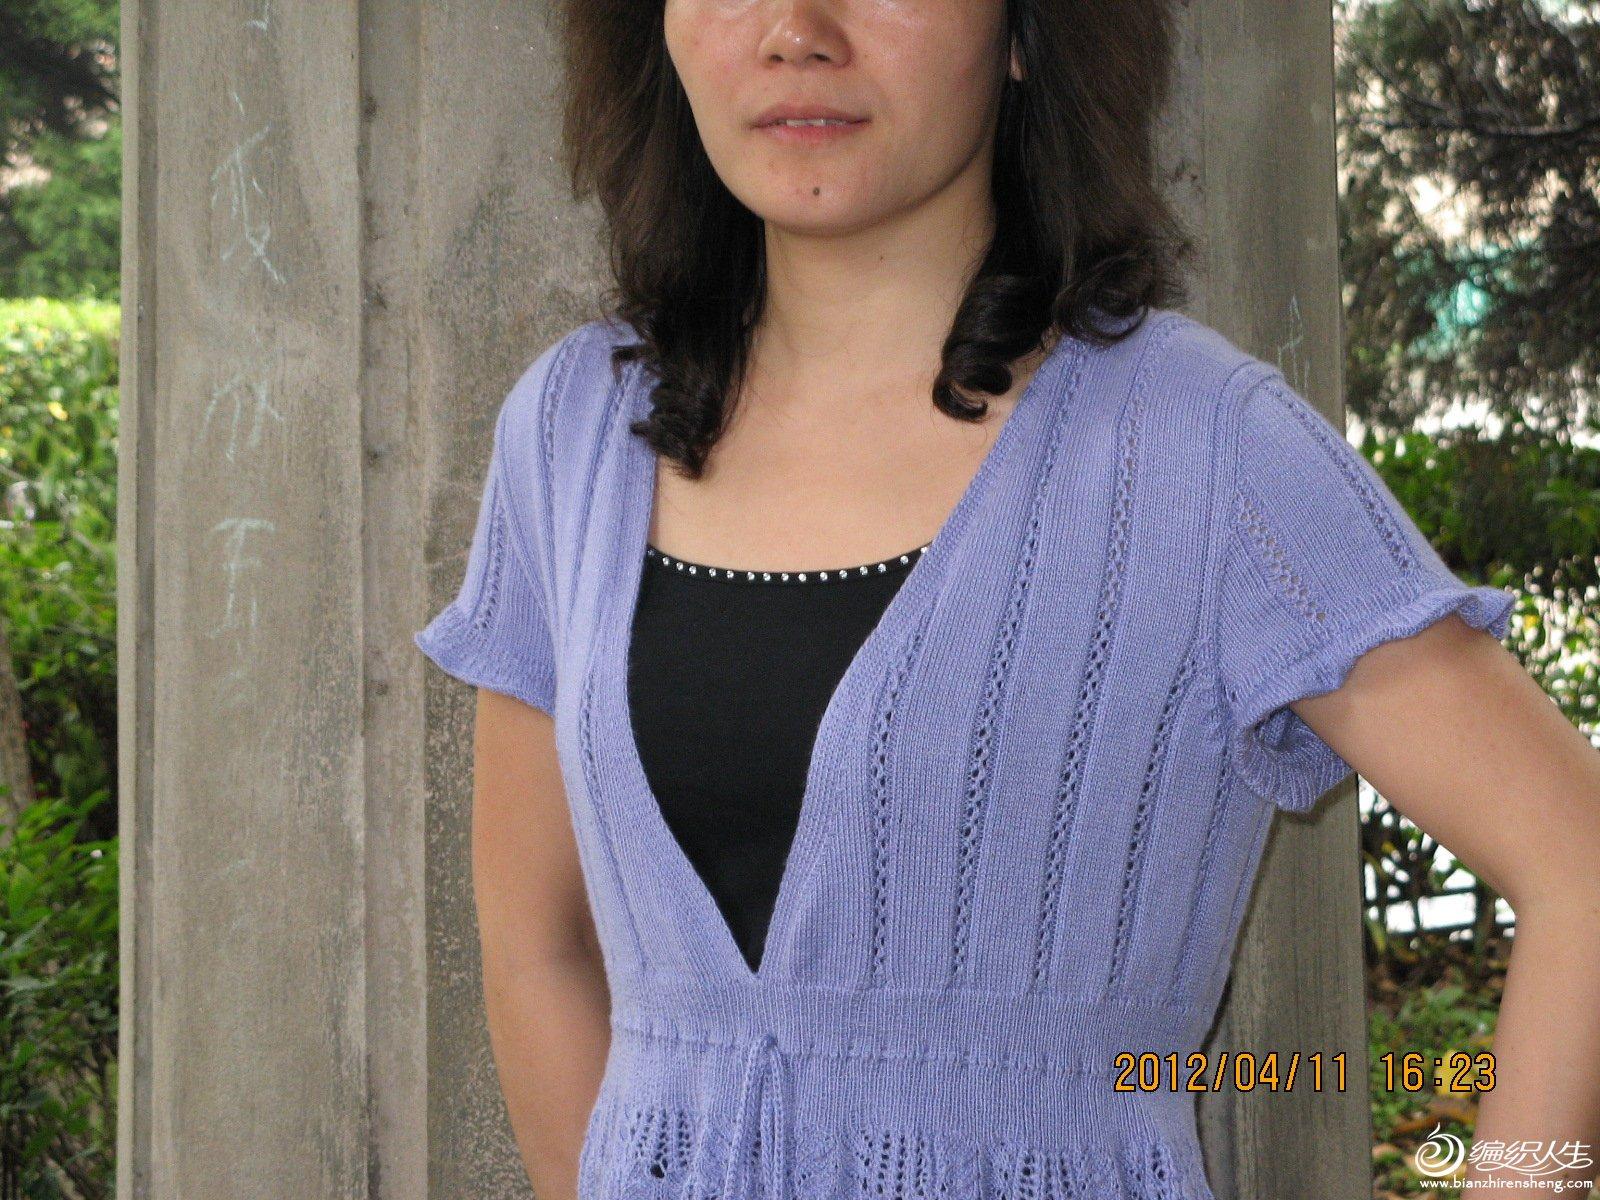 紫衣 004.jpg